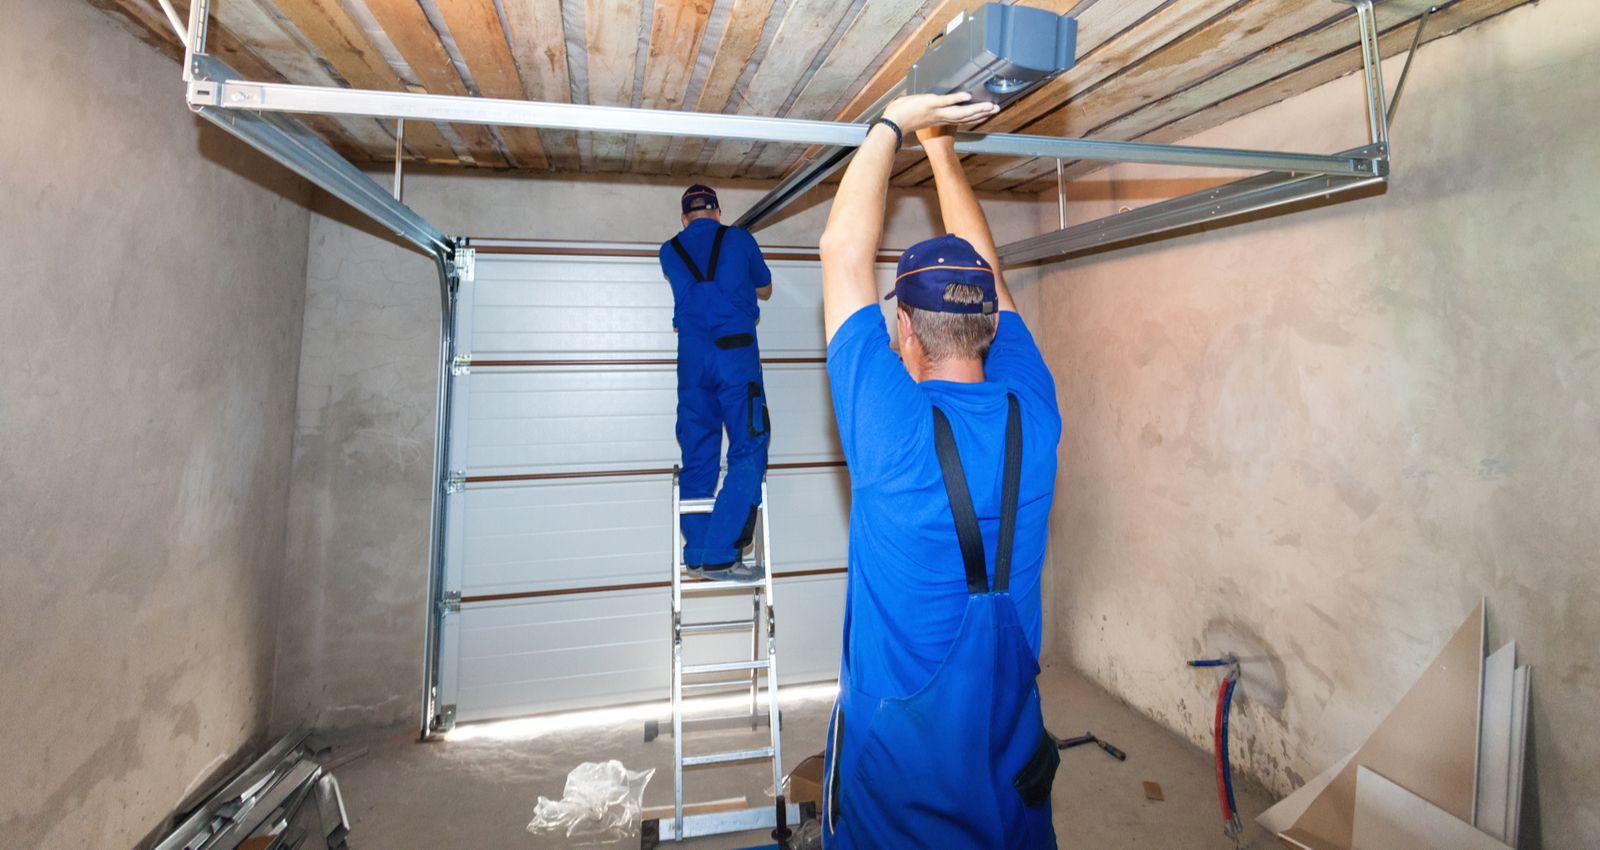 Comment Isoler Son Garage Moindre Cout comment isoler son garage ? prix, coût, devis